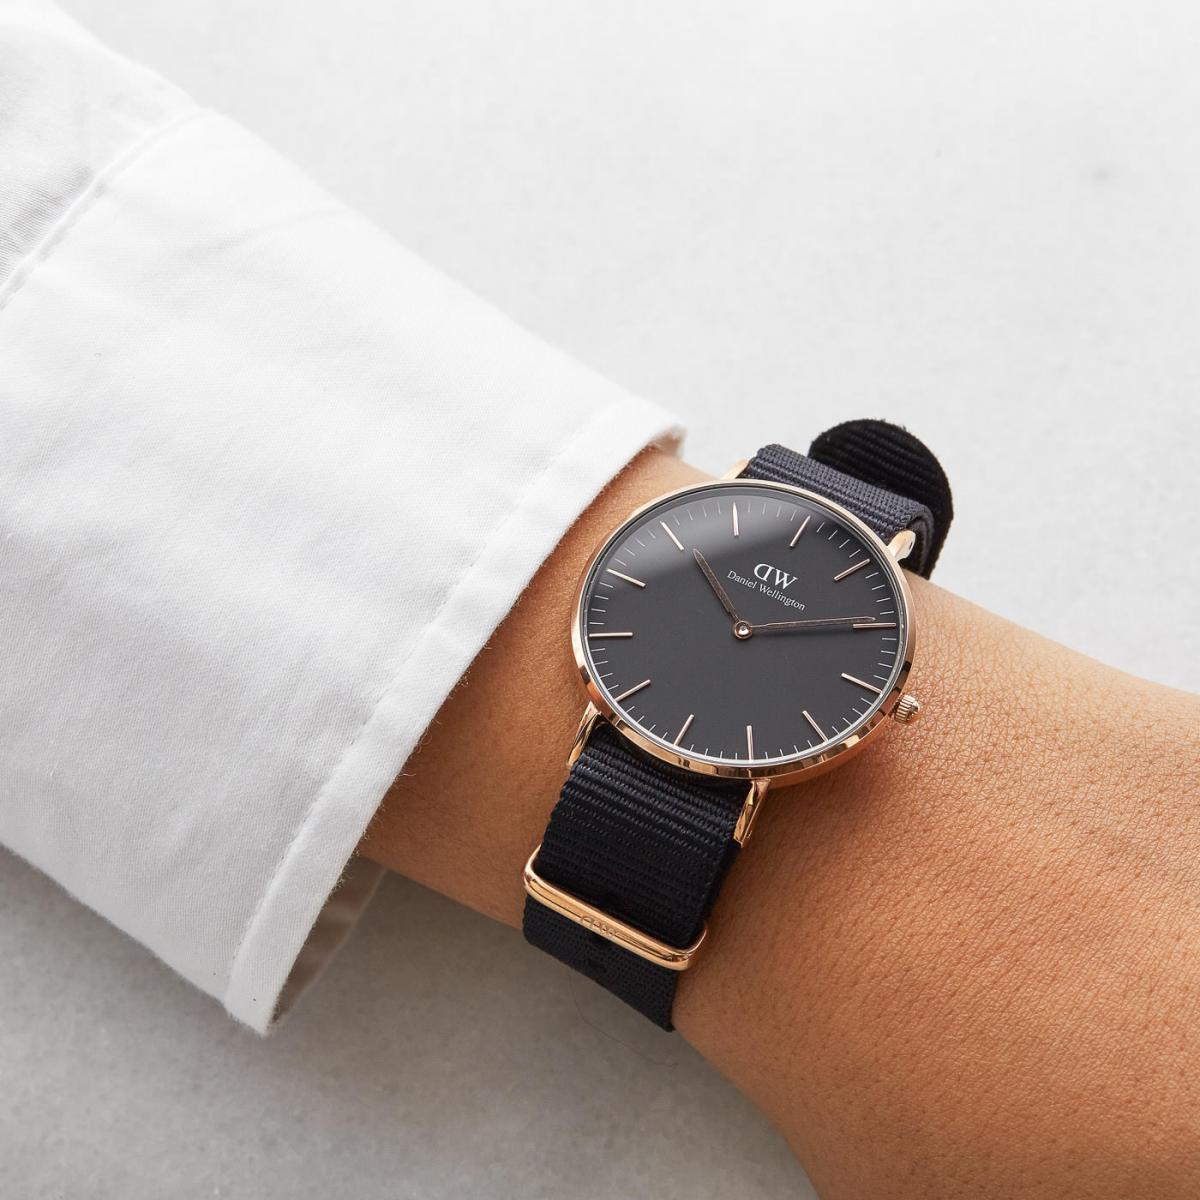 Chiếc đồng hồ với đường nét thiết kế vô cùng tinh tế